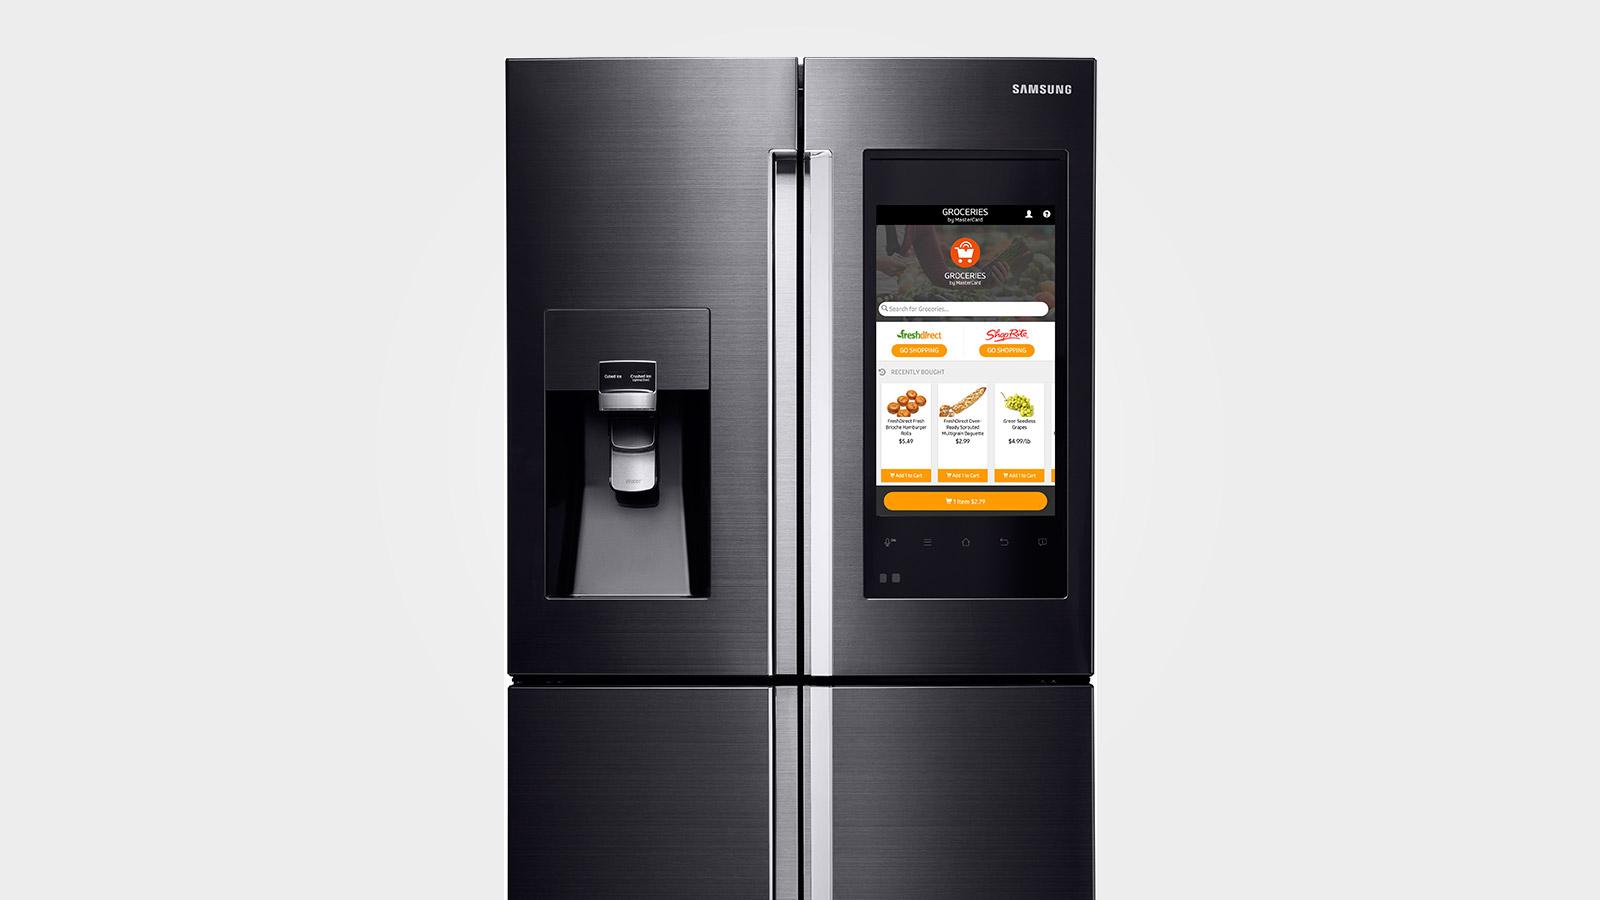 Samsung-Family-Hub-Smart-Fridge-CES-2016-3 (1)